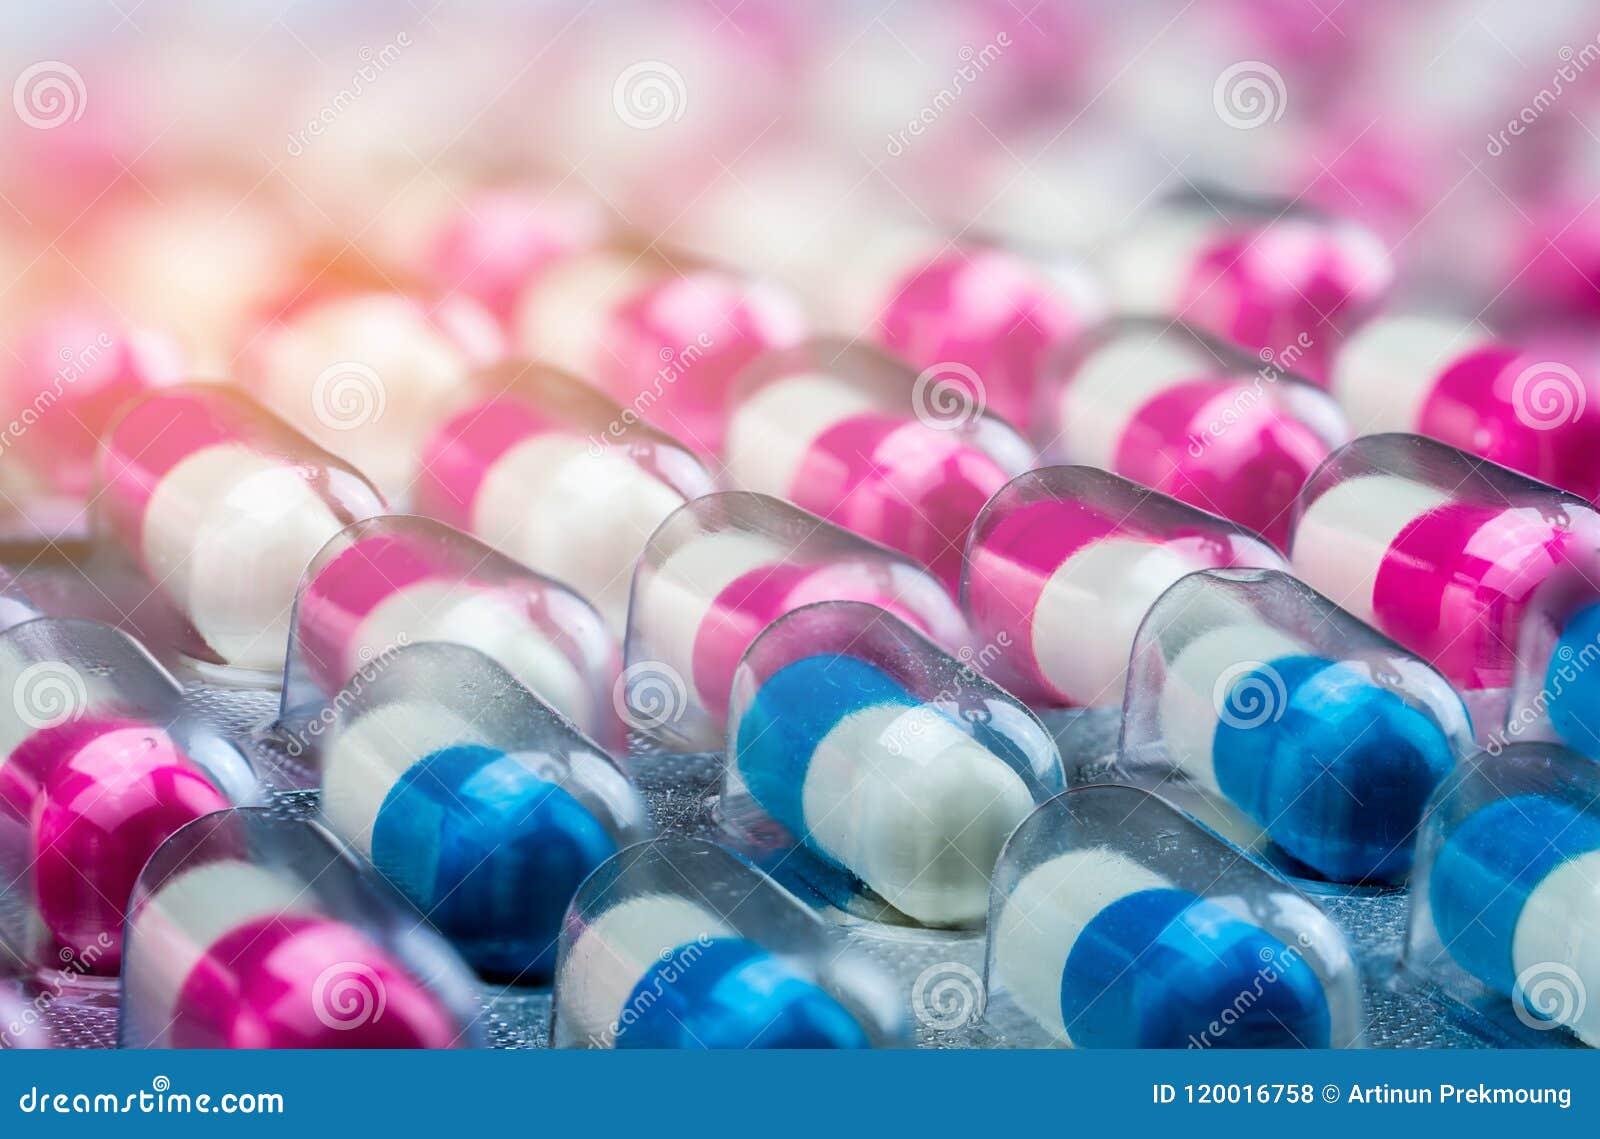 De roze-witte en blauw-witte pillen van de antibioticacapsule in blaarpak Antimicrobial drugweerstand Farmaceutische Industrie